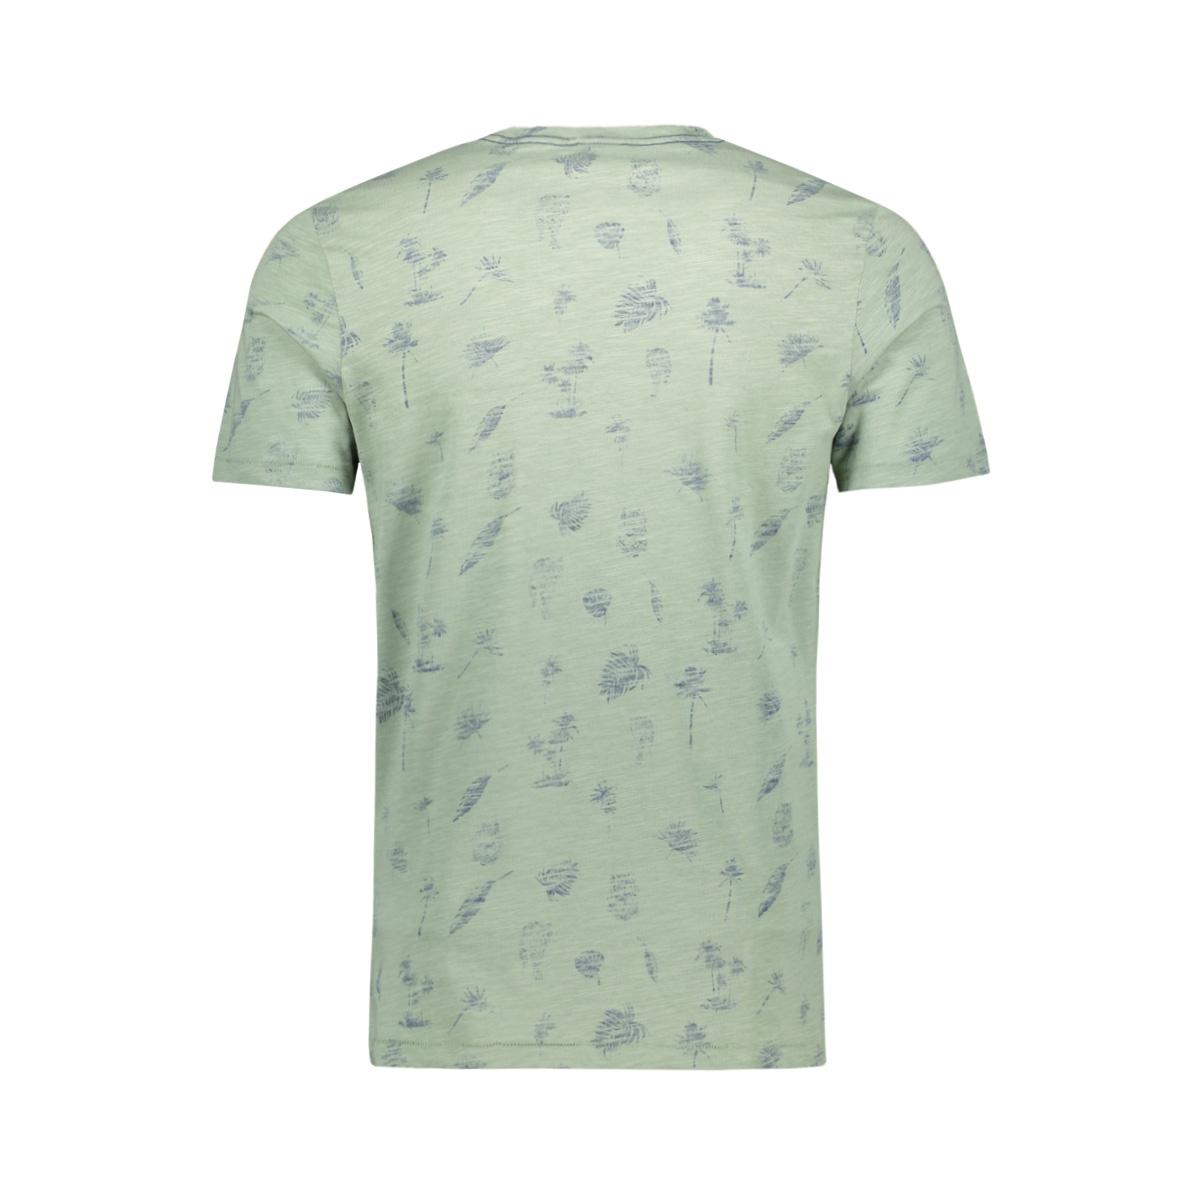 jorpalmos tee ss crew neck 12153062 jack & jones t-shirt green bay